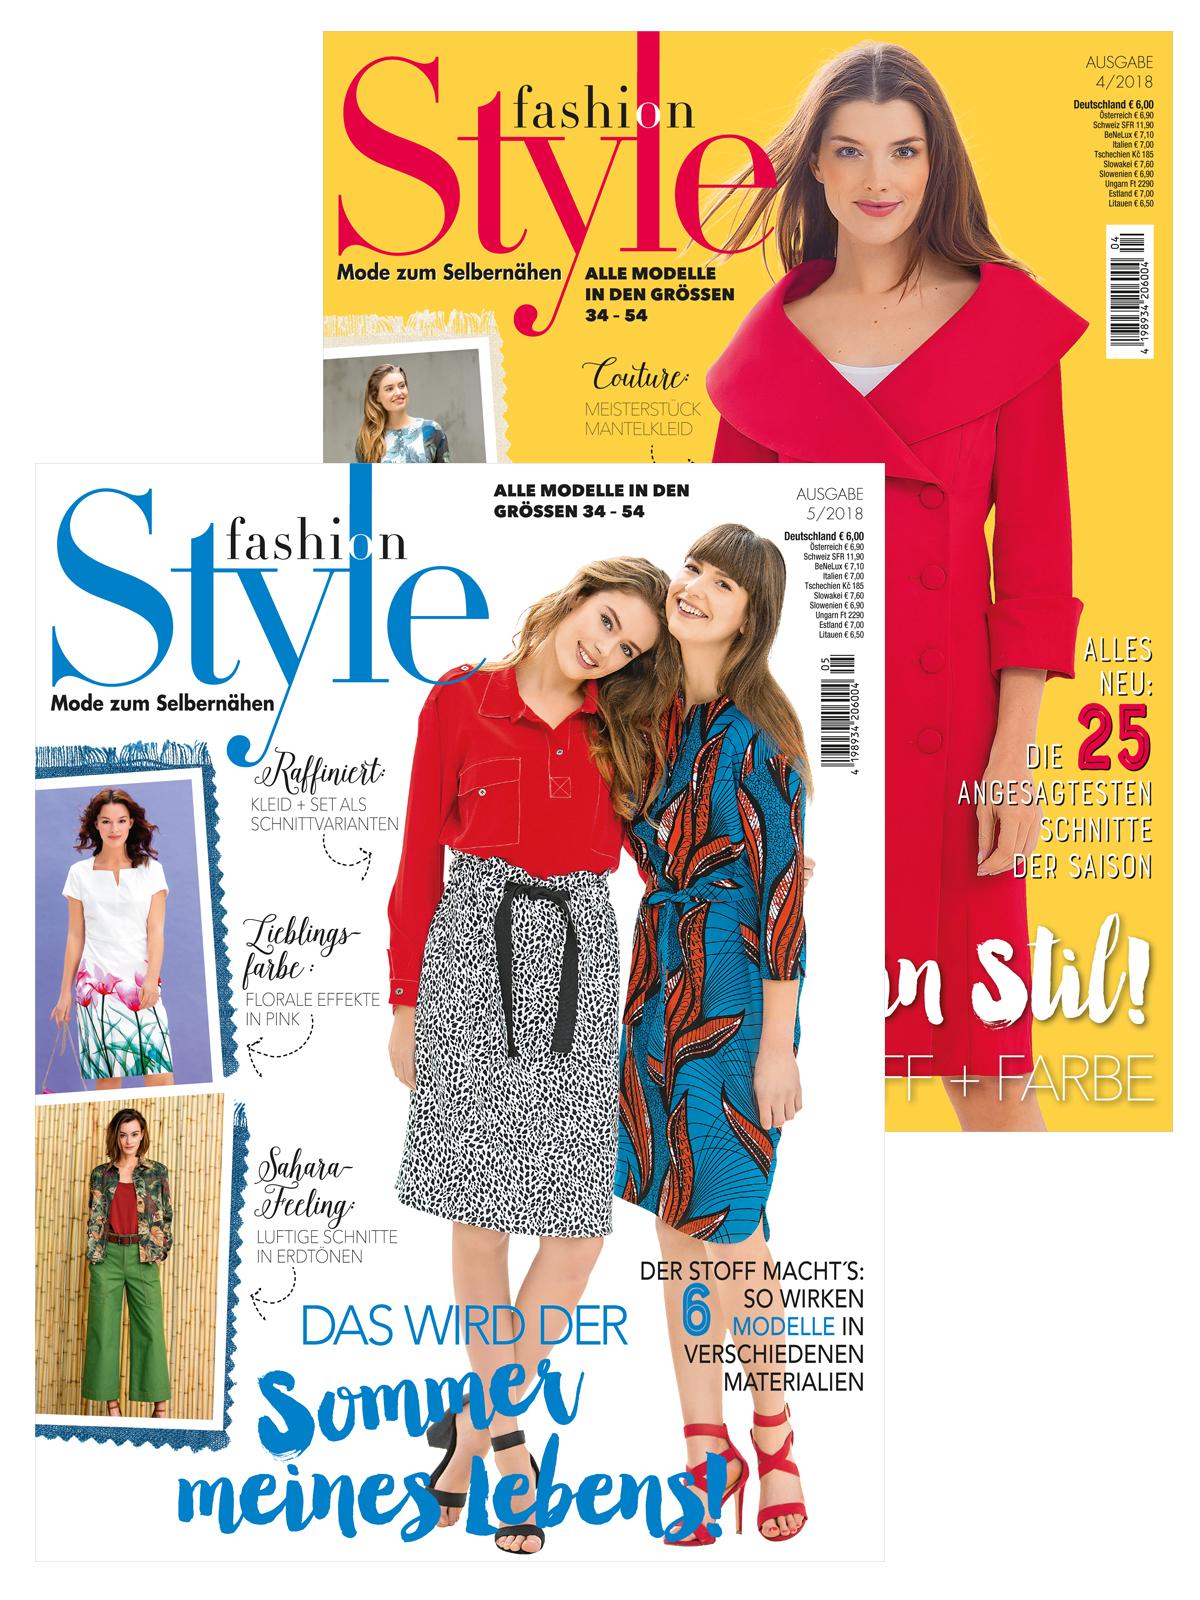 Zwei Zeitschriften im supergünstigen Sparpaket! Fashion-Style Nr. 04/2018 und Nr. 05/2018